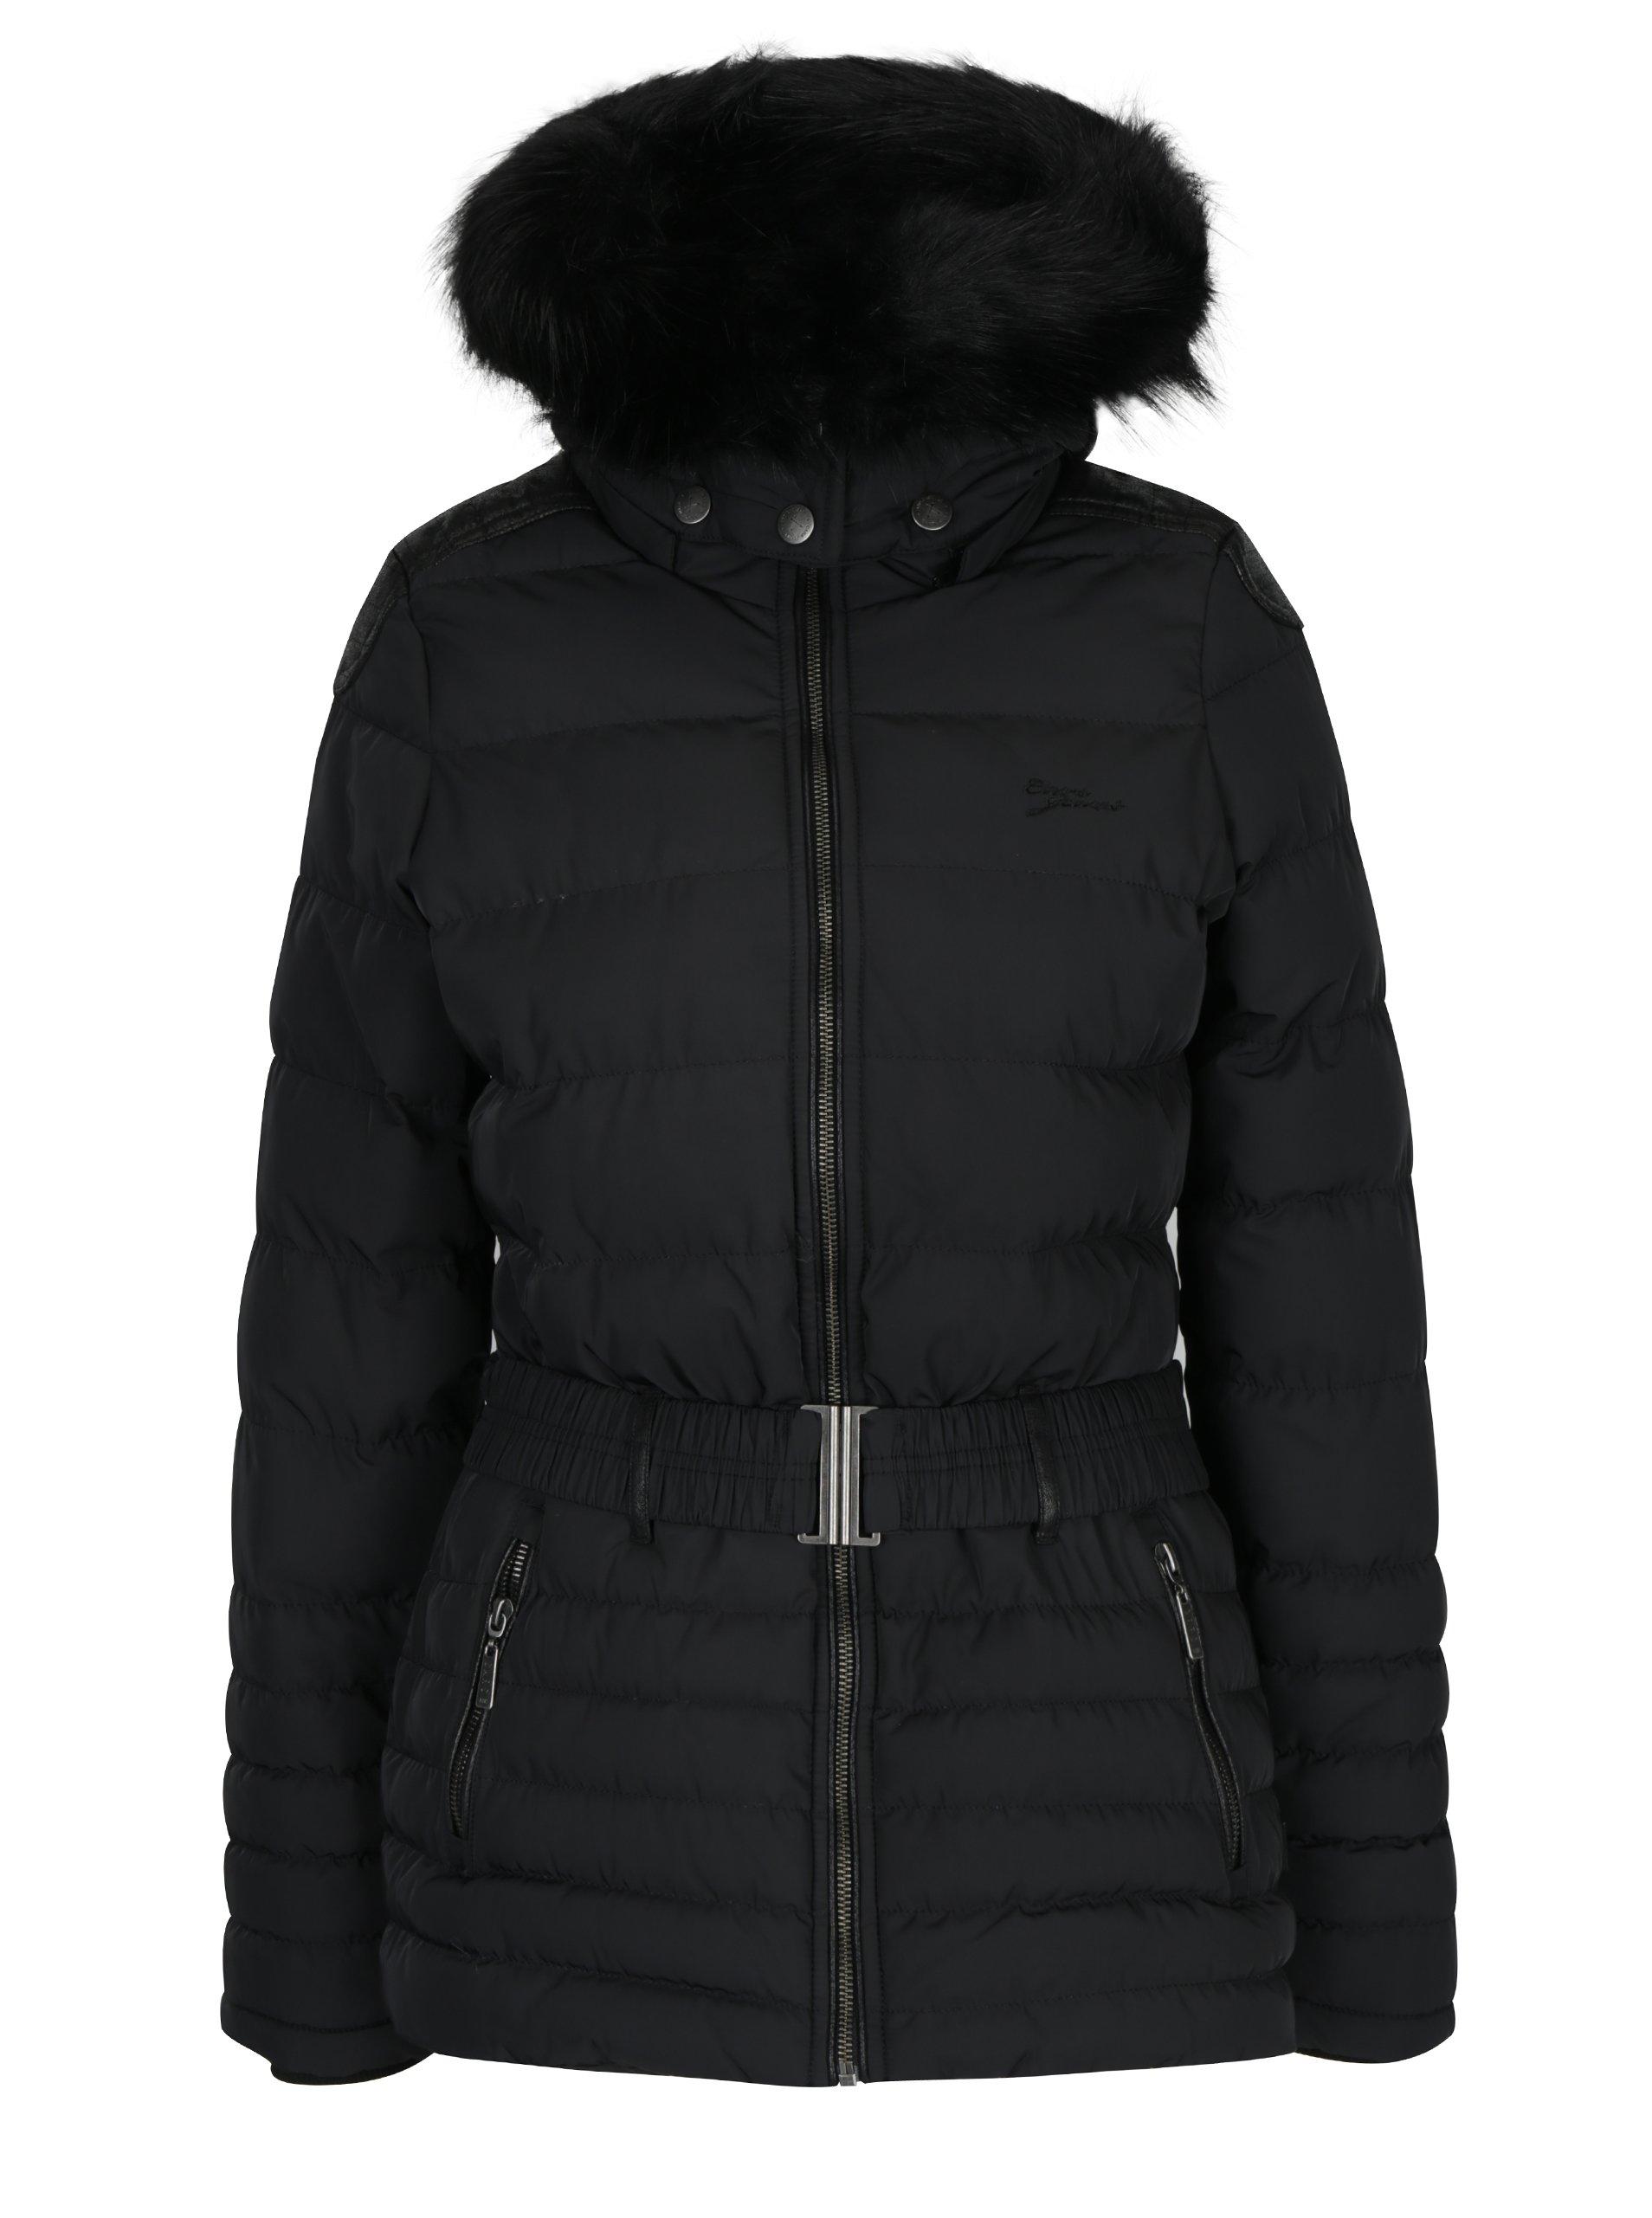 Černý dámský krátký prošívaný kabát s kapucí a páskem Cars Cler